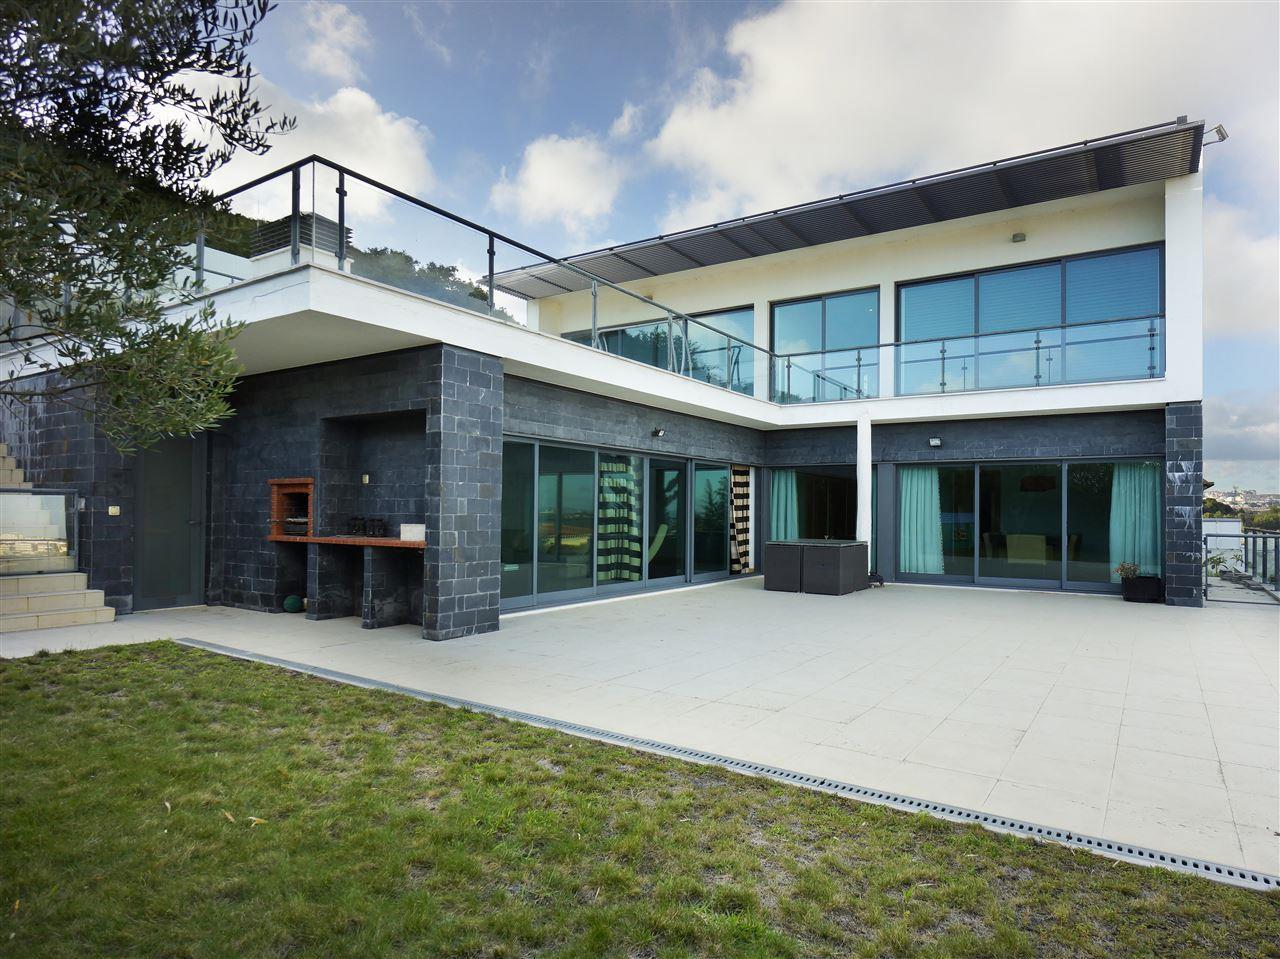 独户住宅 为 销售 在 House, 5 bedrooms, for Sale 奥艾拉斯, 葡京, 2730-296 葡萄牙